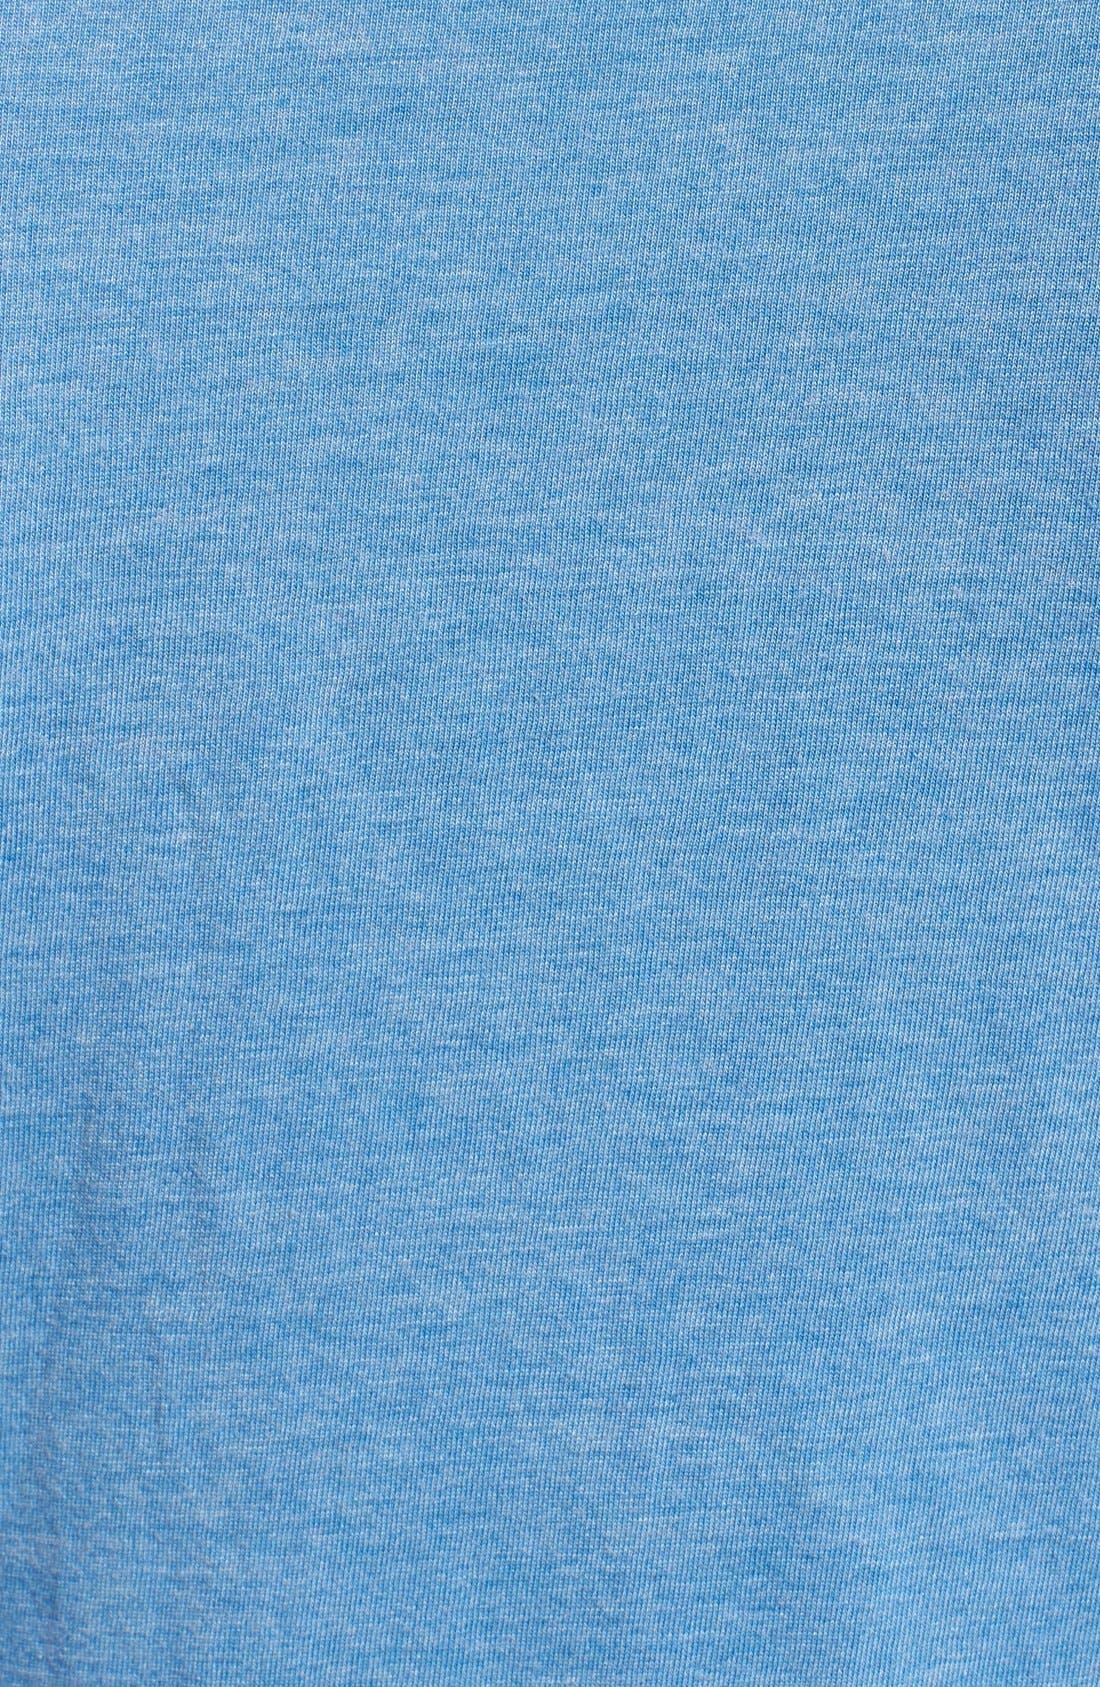 'Saint Louis Cardinals - Calumet' Graphic V-Neck T-Shirt,                             Alternate thumbnail 4, color,